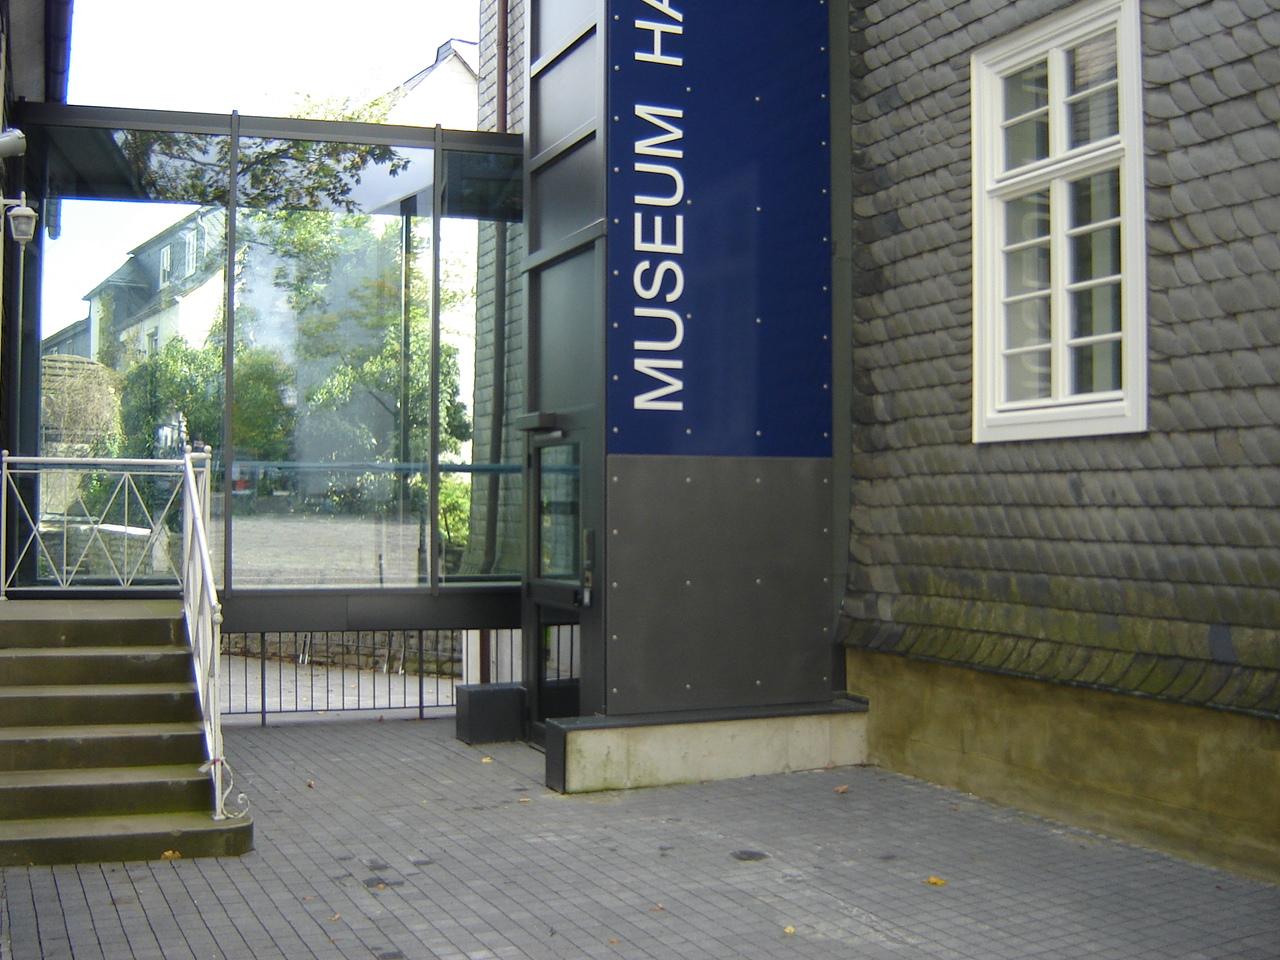 Außenaufzug neben einem schindelgedecktem Museumsbau